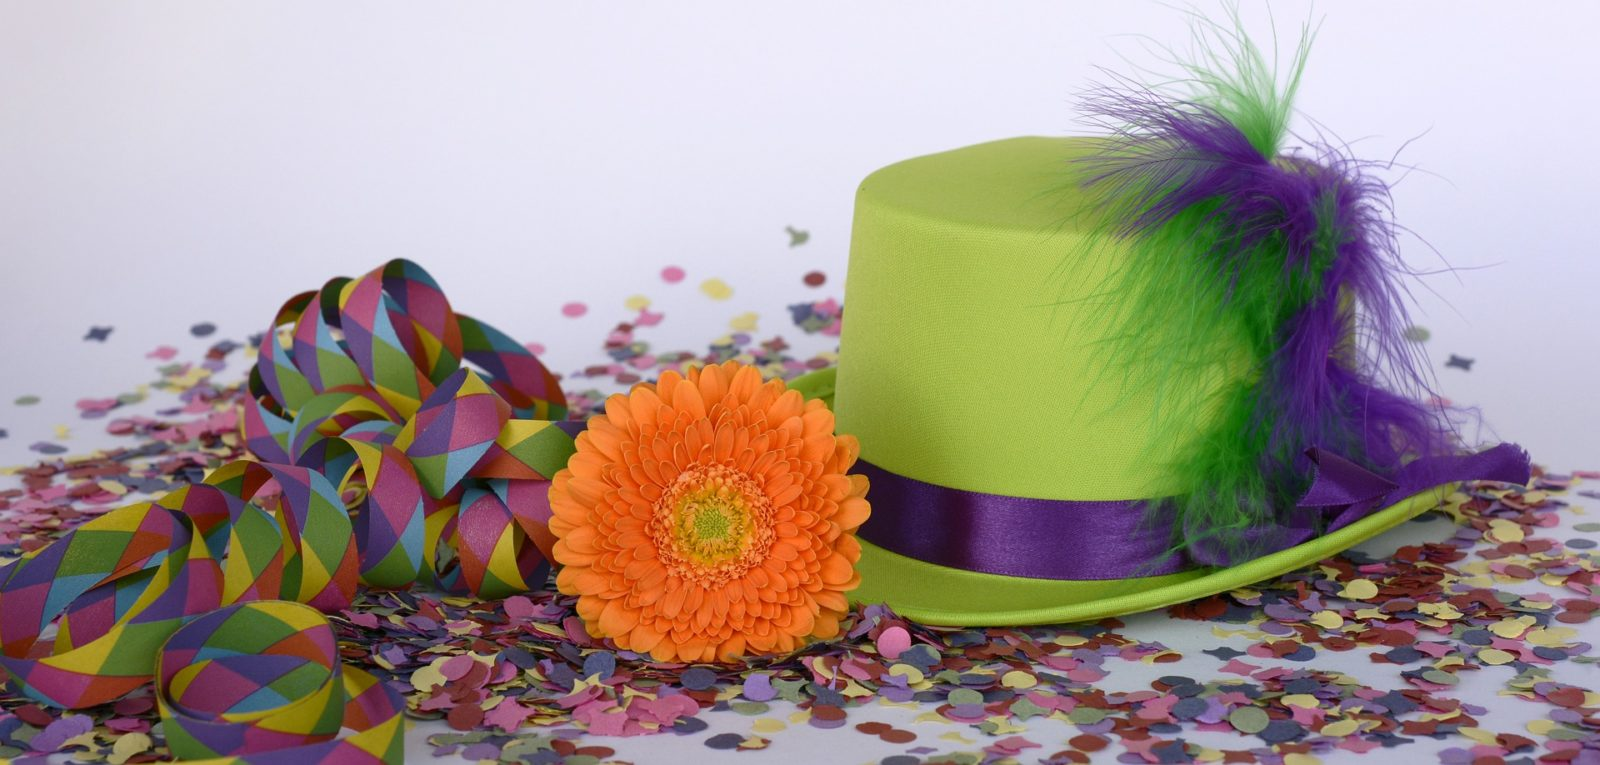 стиль карнавал, тематическая свадьба, организовать, шляпа и конфетти